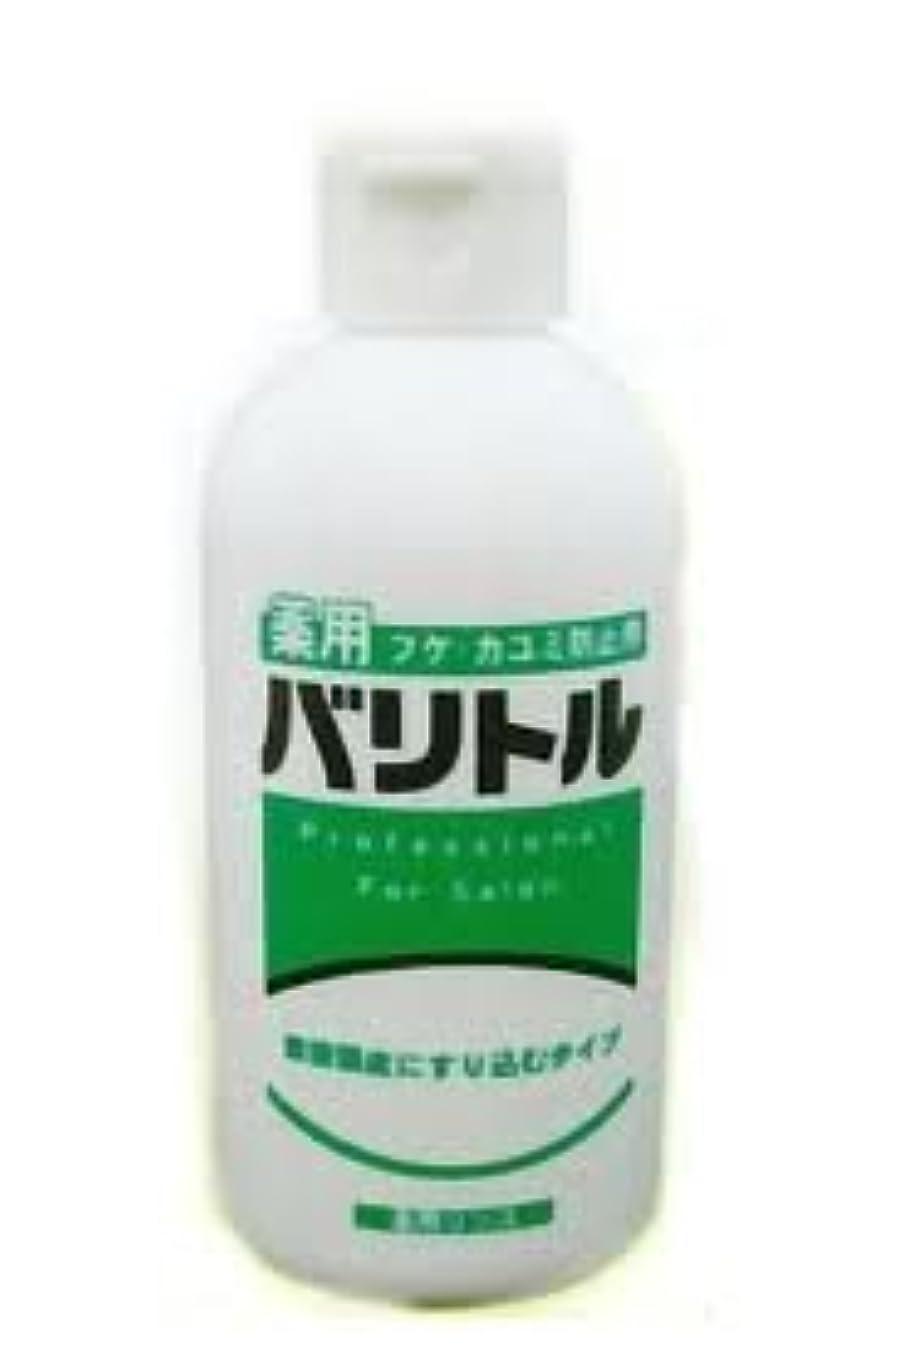 アジア人単にまさに薬用バリトル 200g